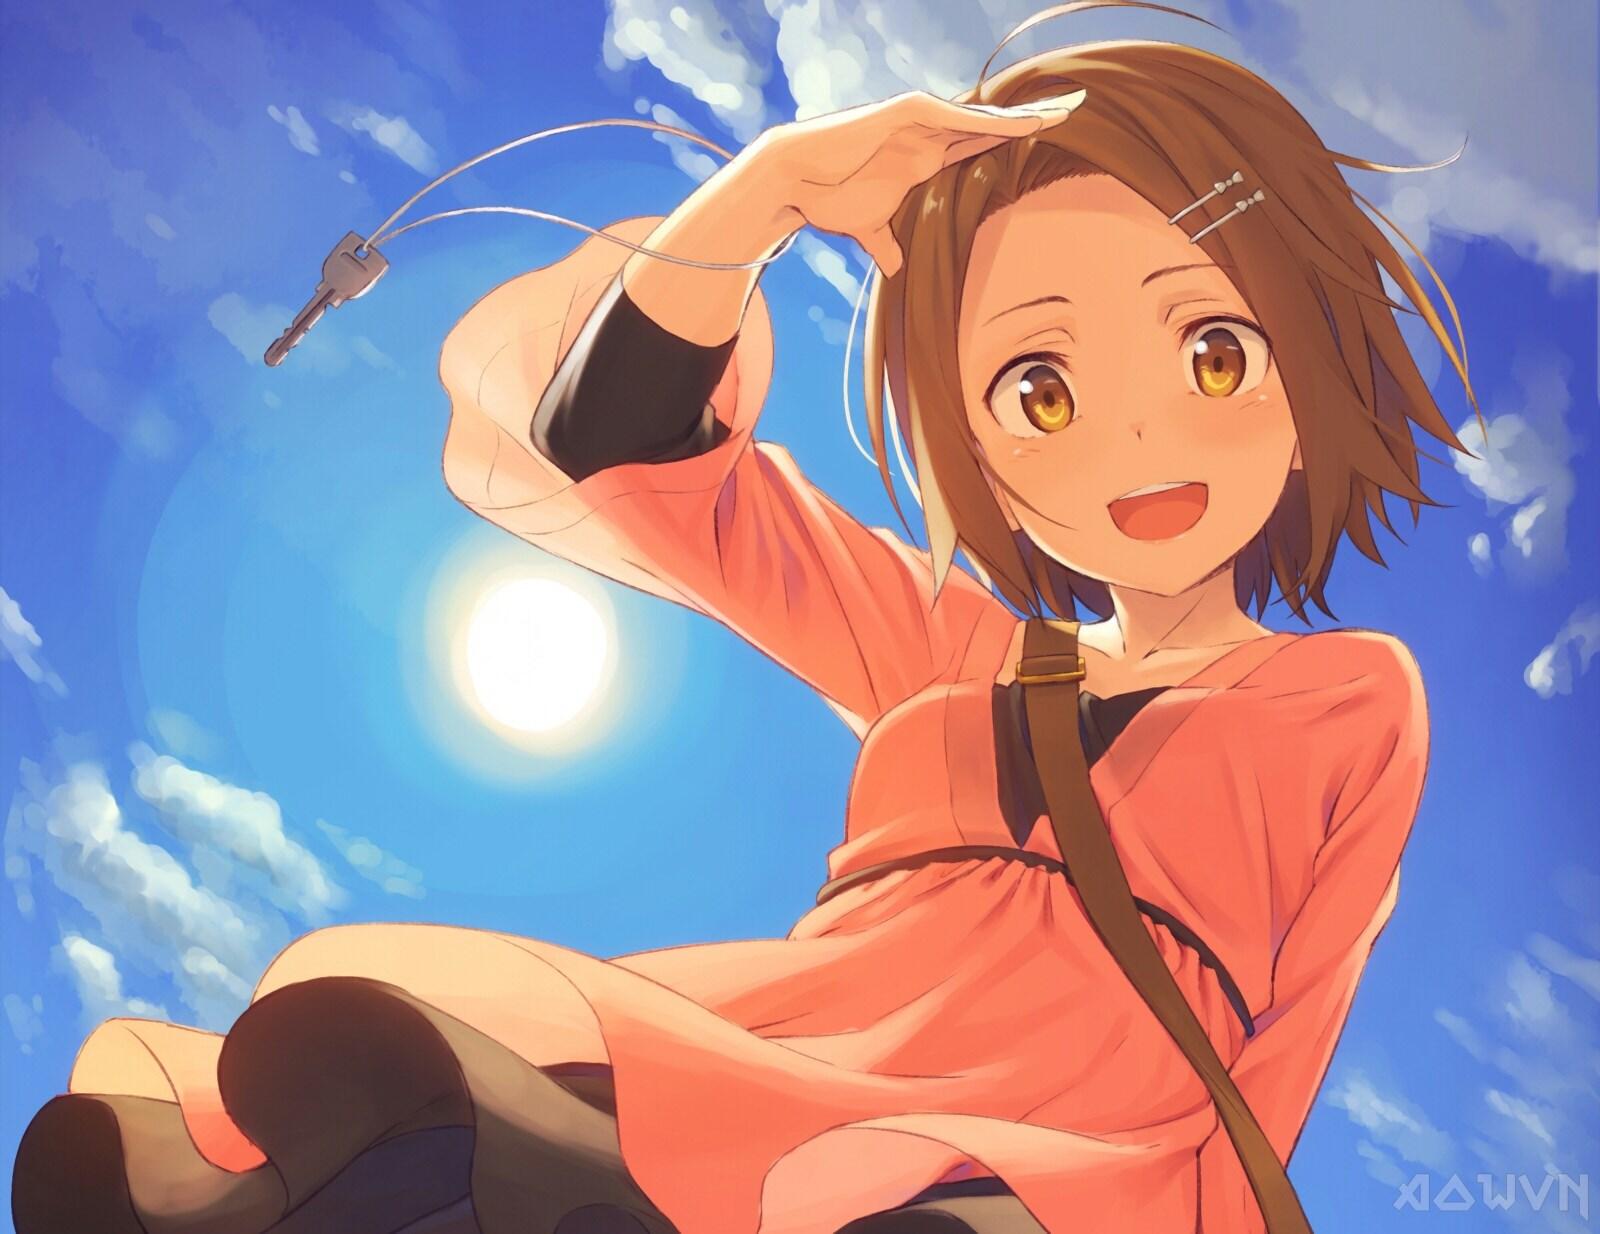 136 AowVN.org m - [ Hình Nền ] Anime cho điện thoại cực đẹp , cực độc | Wallpaper